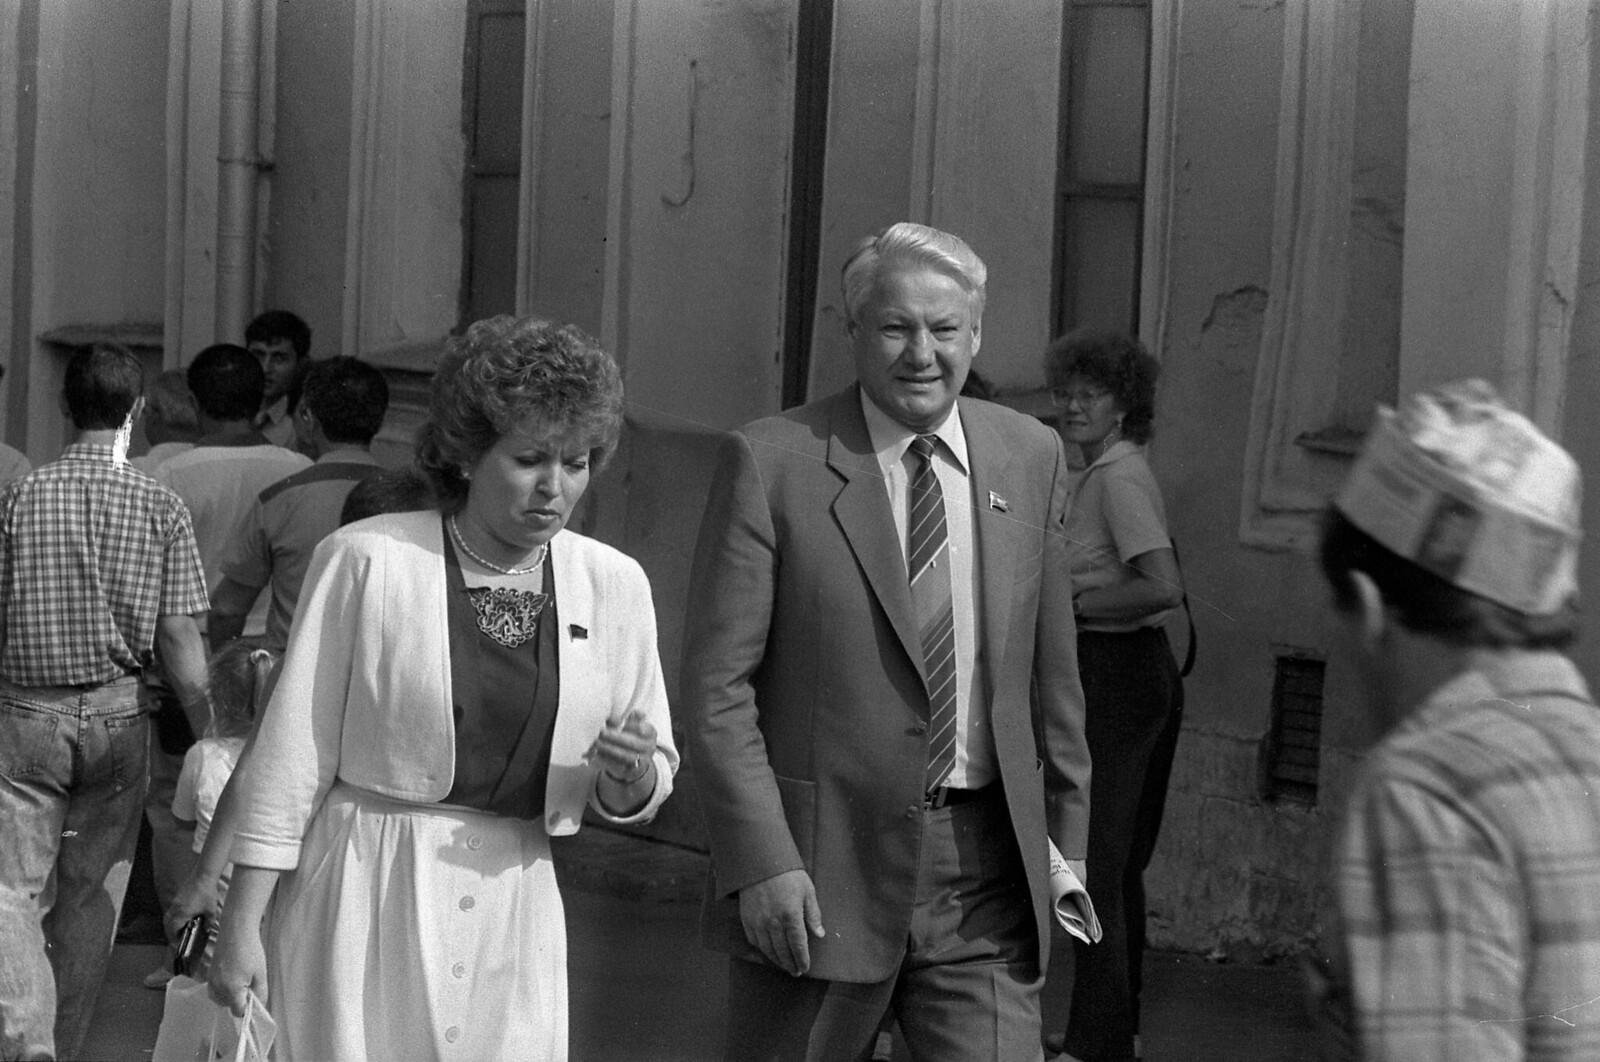 1989. Валентина Матвиенко и Борис Ельцин (2)